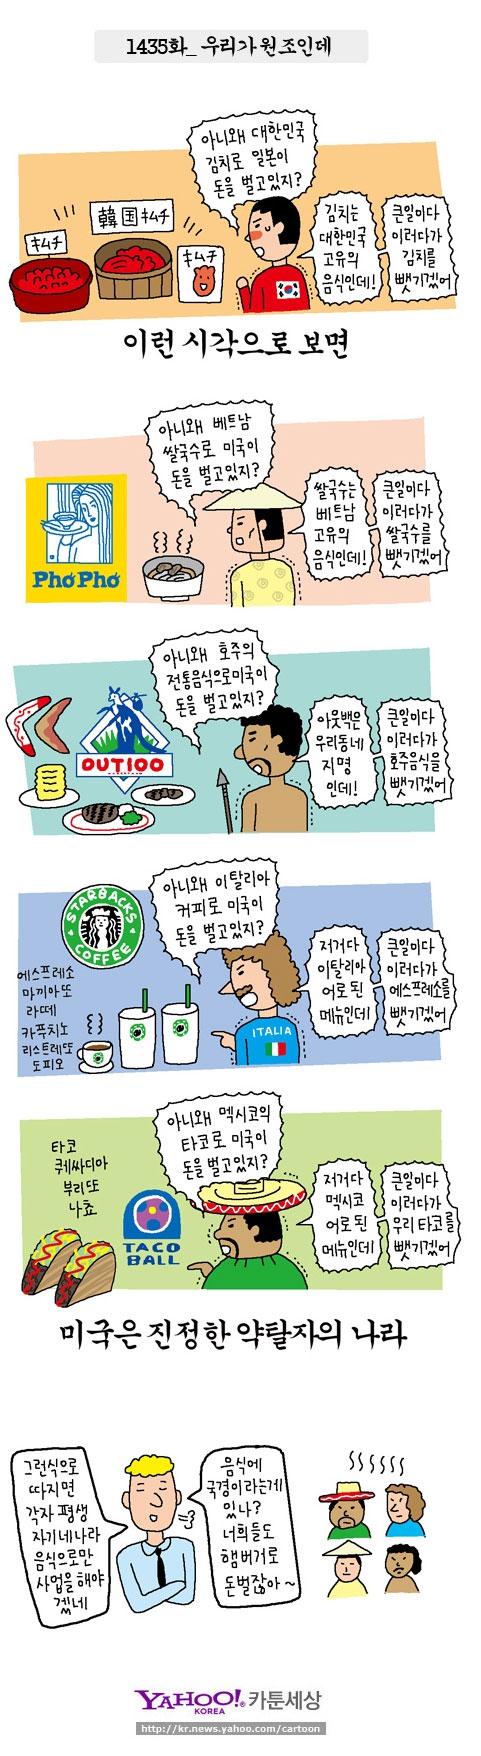 写真=韓国のウェブ漫画家ユン・ソインのウェブ漫画。